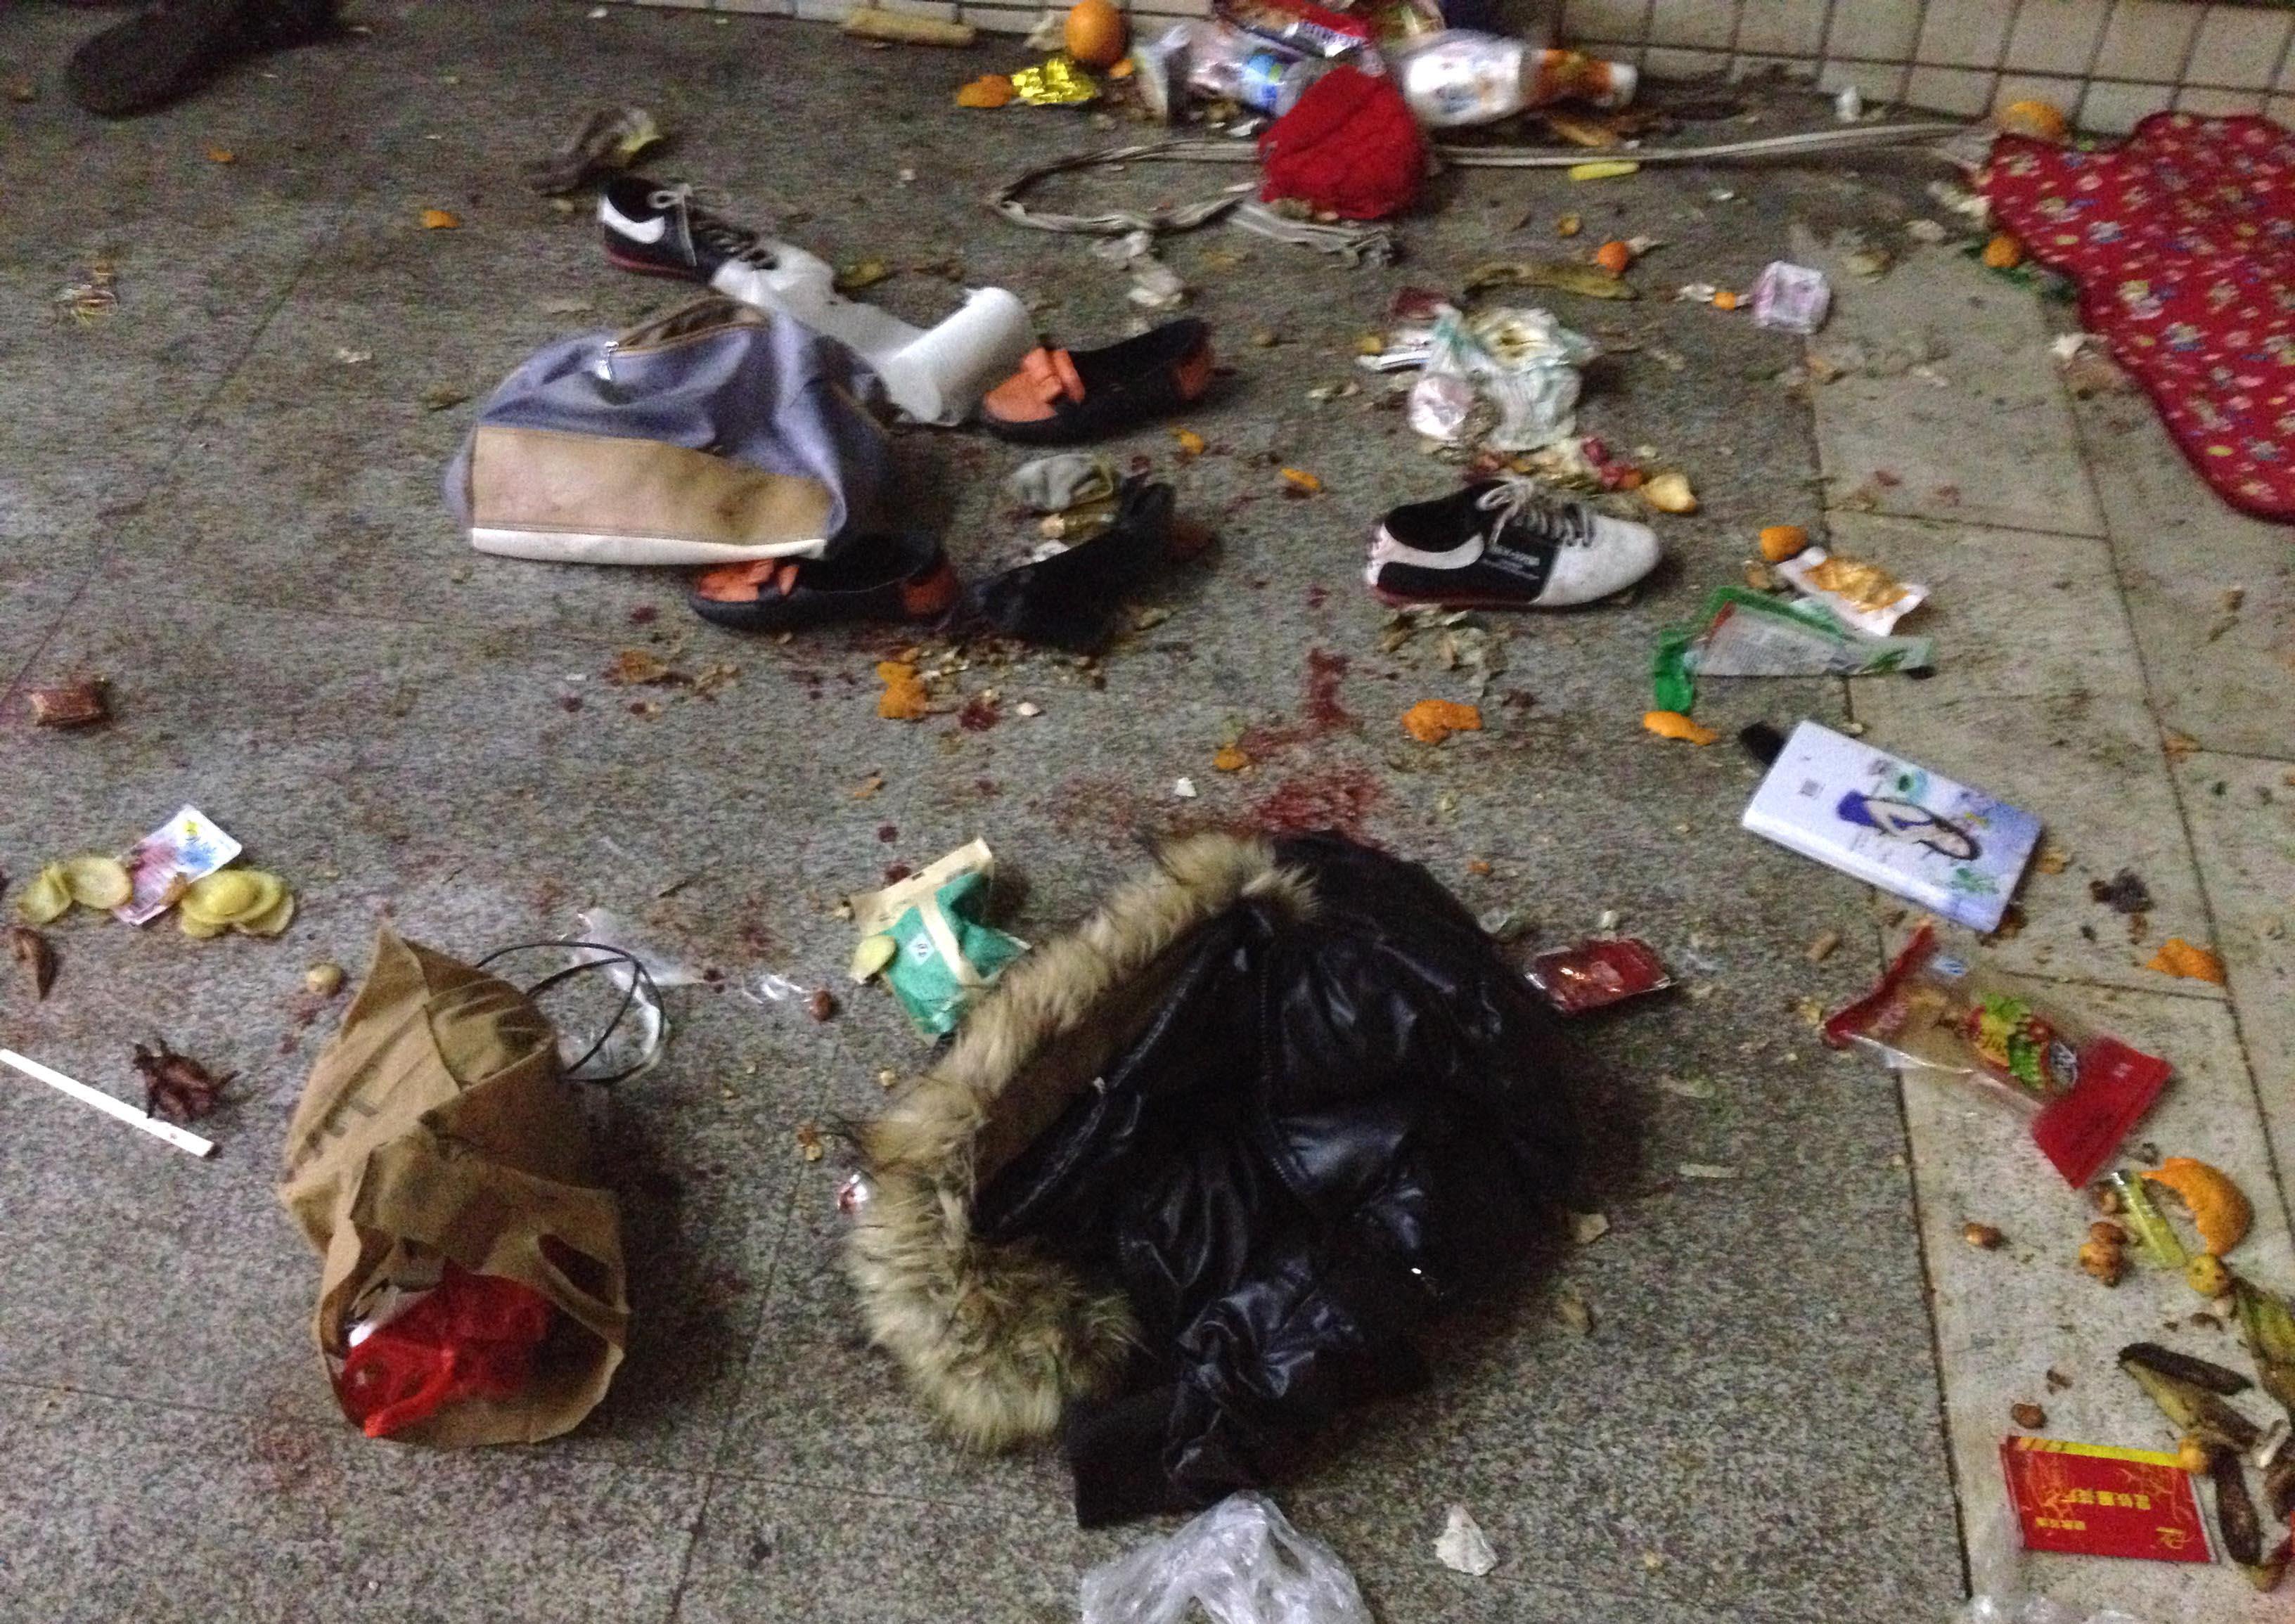 昆明火车站新疆人砍_昆明恐袭事件已致29死 130多伤|昆明_凤凰资讯